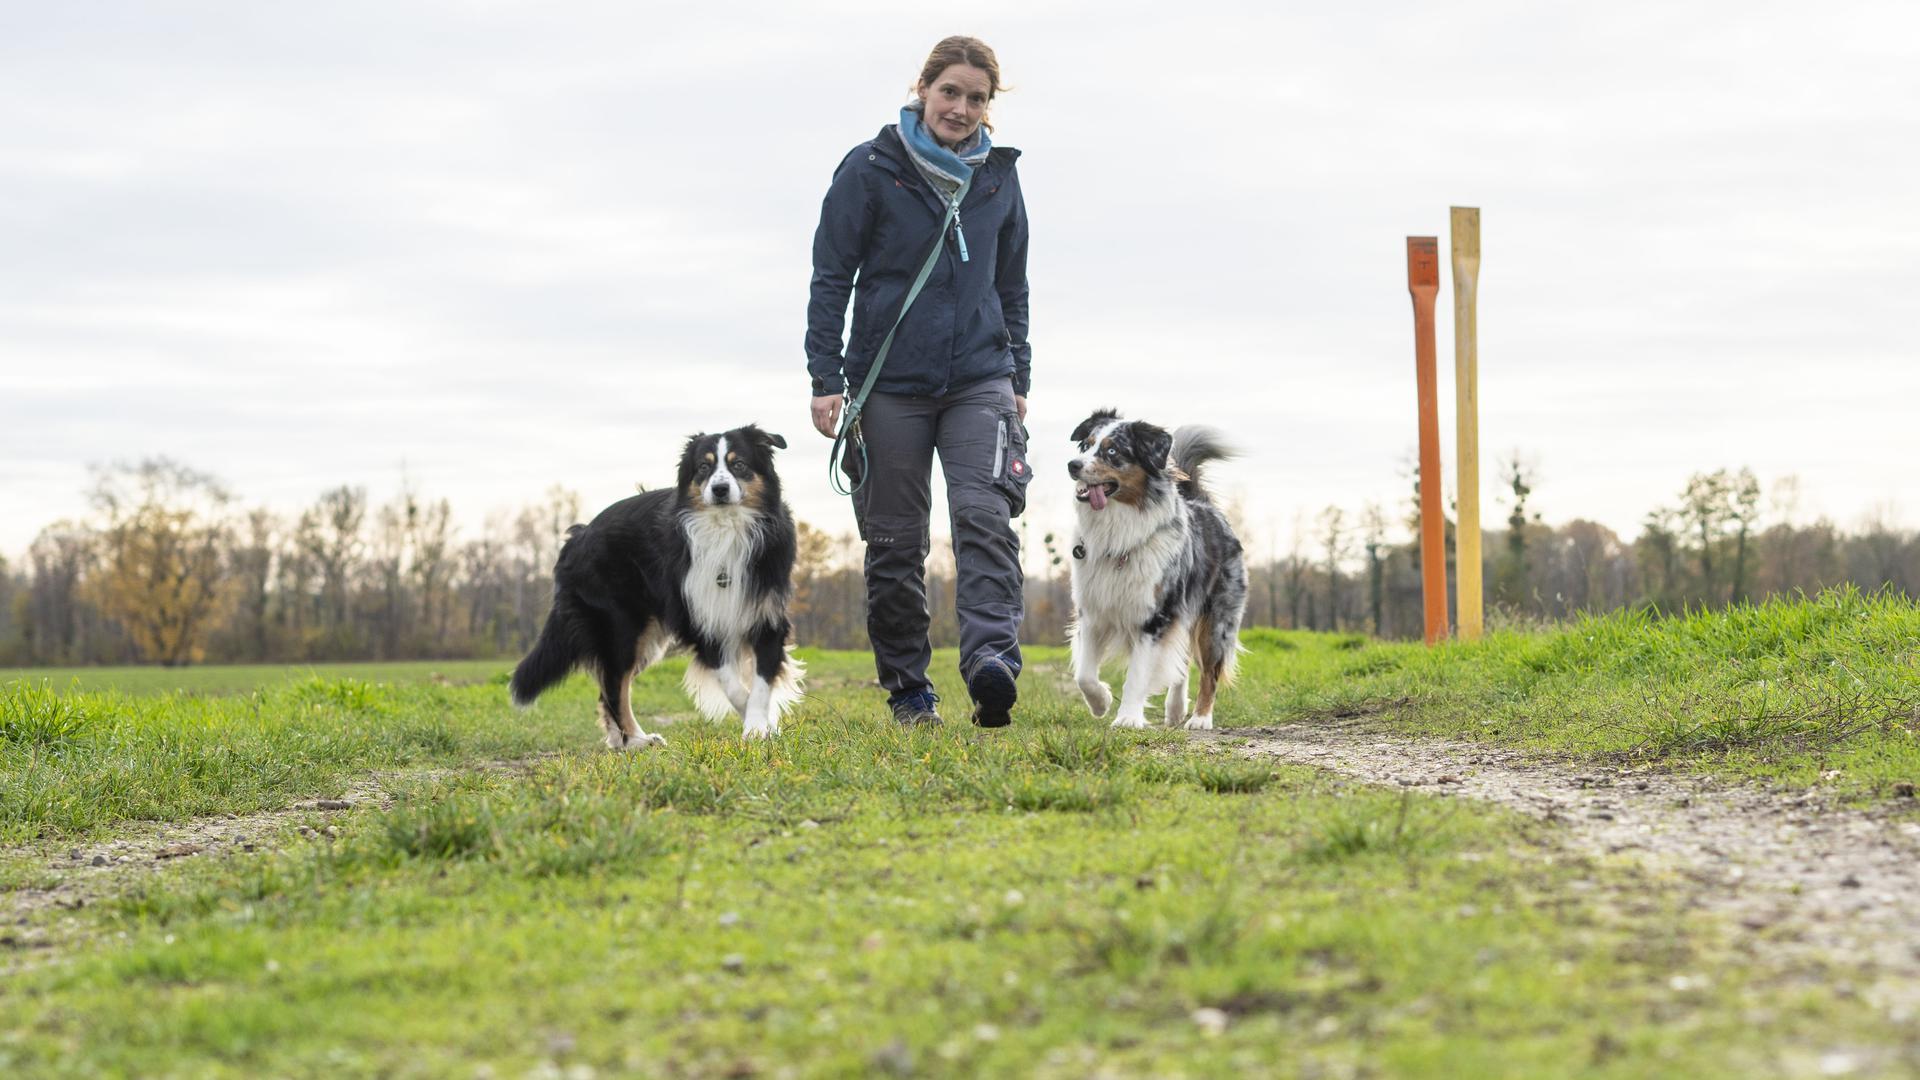 Barft aus Liebe: Die Karlsruherin Rieke Kokenge ist überzeugte Vegetarierin - und füttert ihre Hunde ebenso überzeugt mit rohem Fleisch und Innereien.